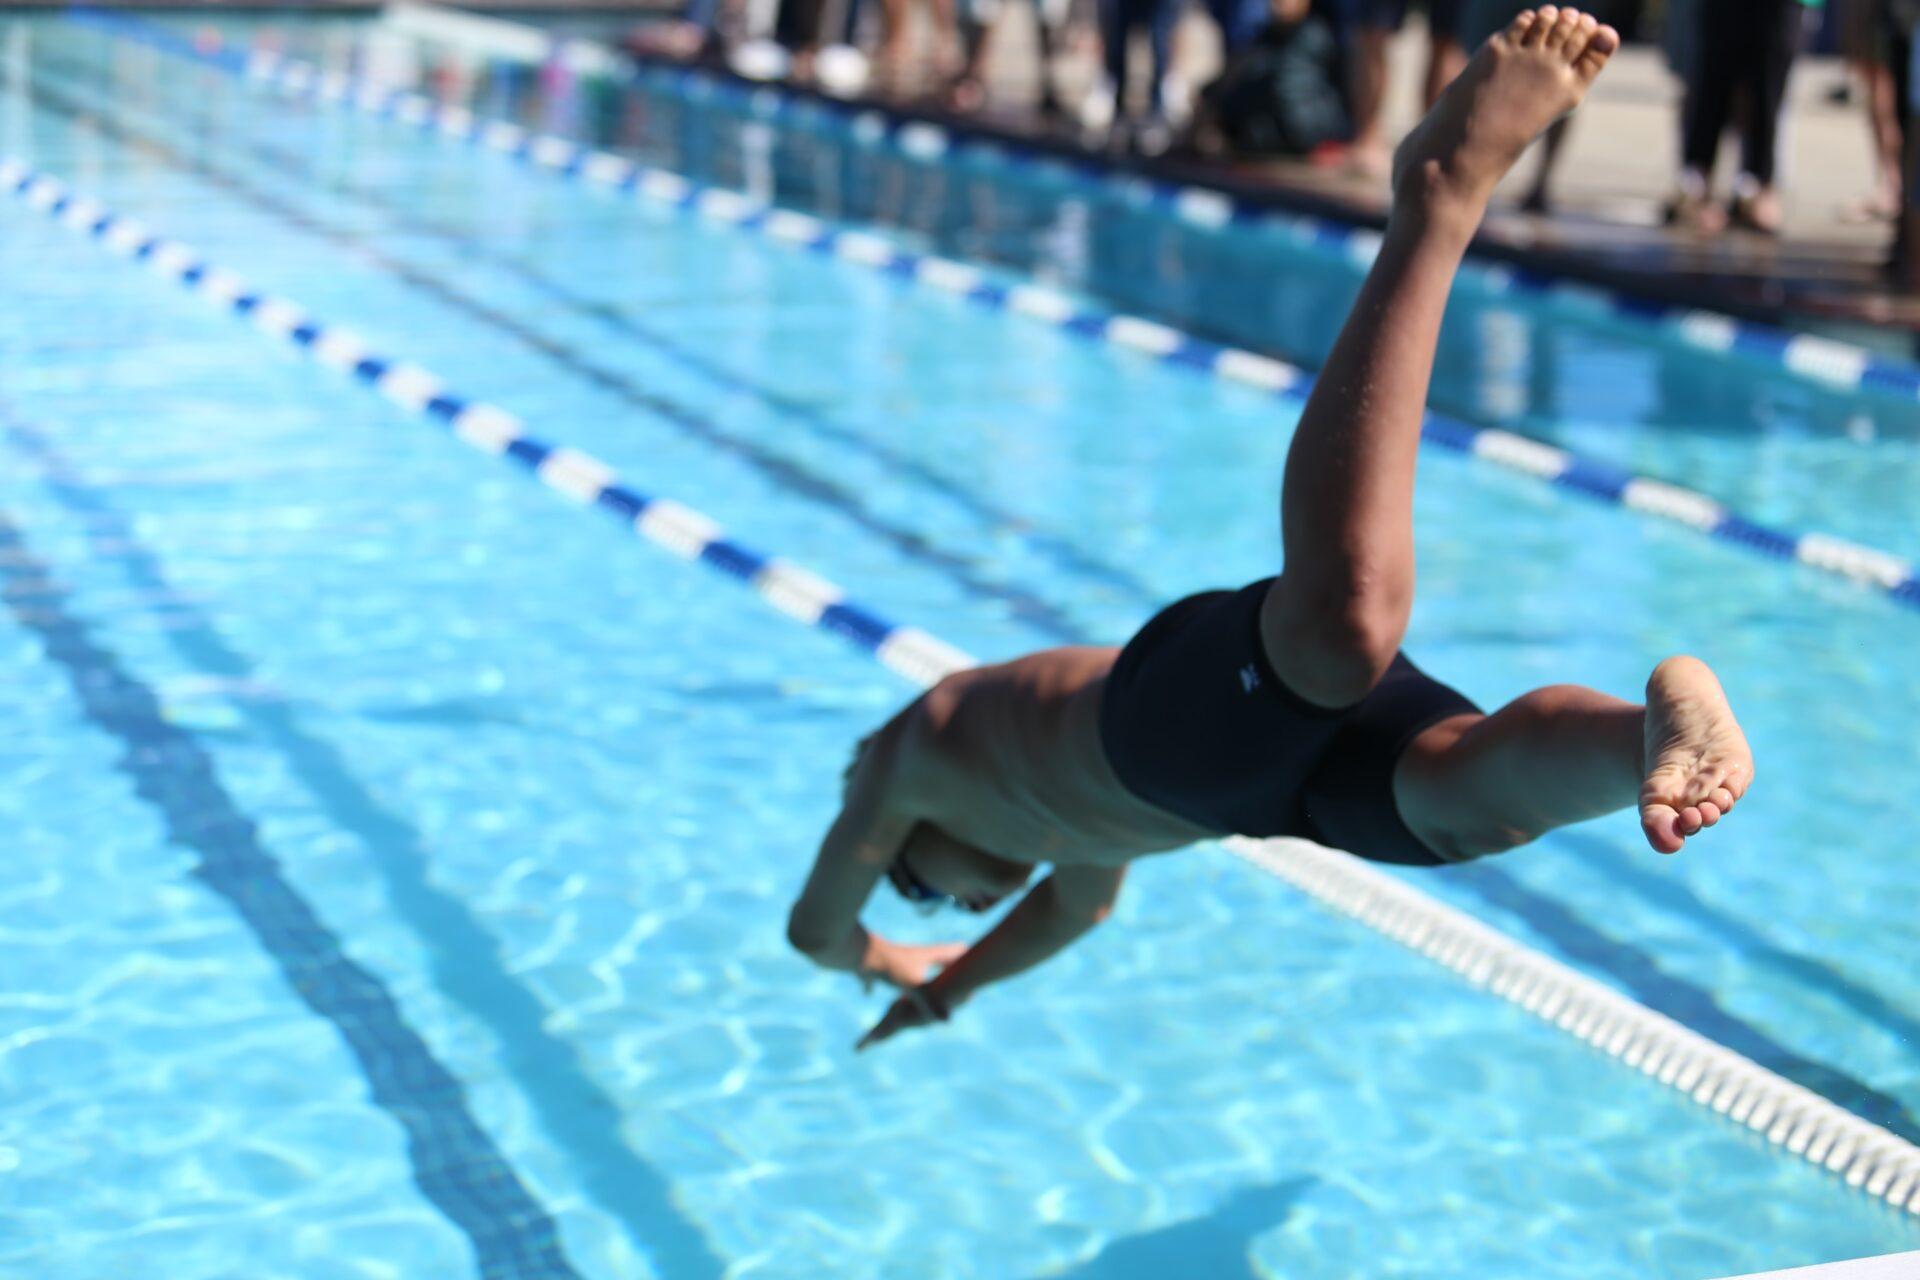 Ein Junge springt kopfüber in das Schwimmerbecken eines Freibads.